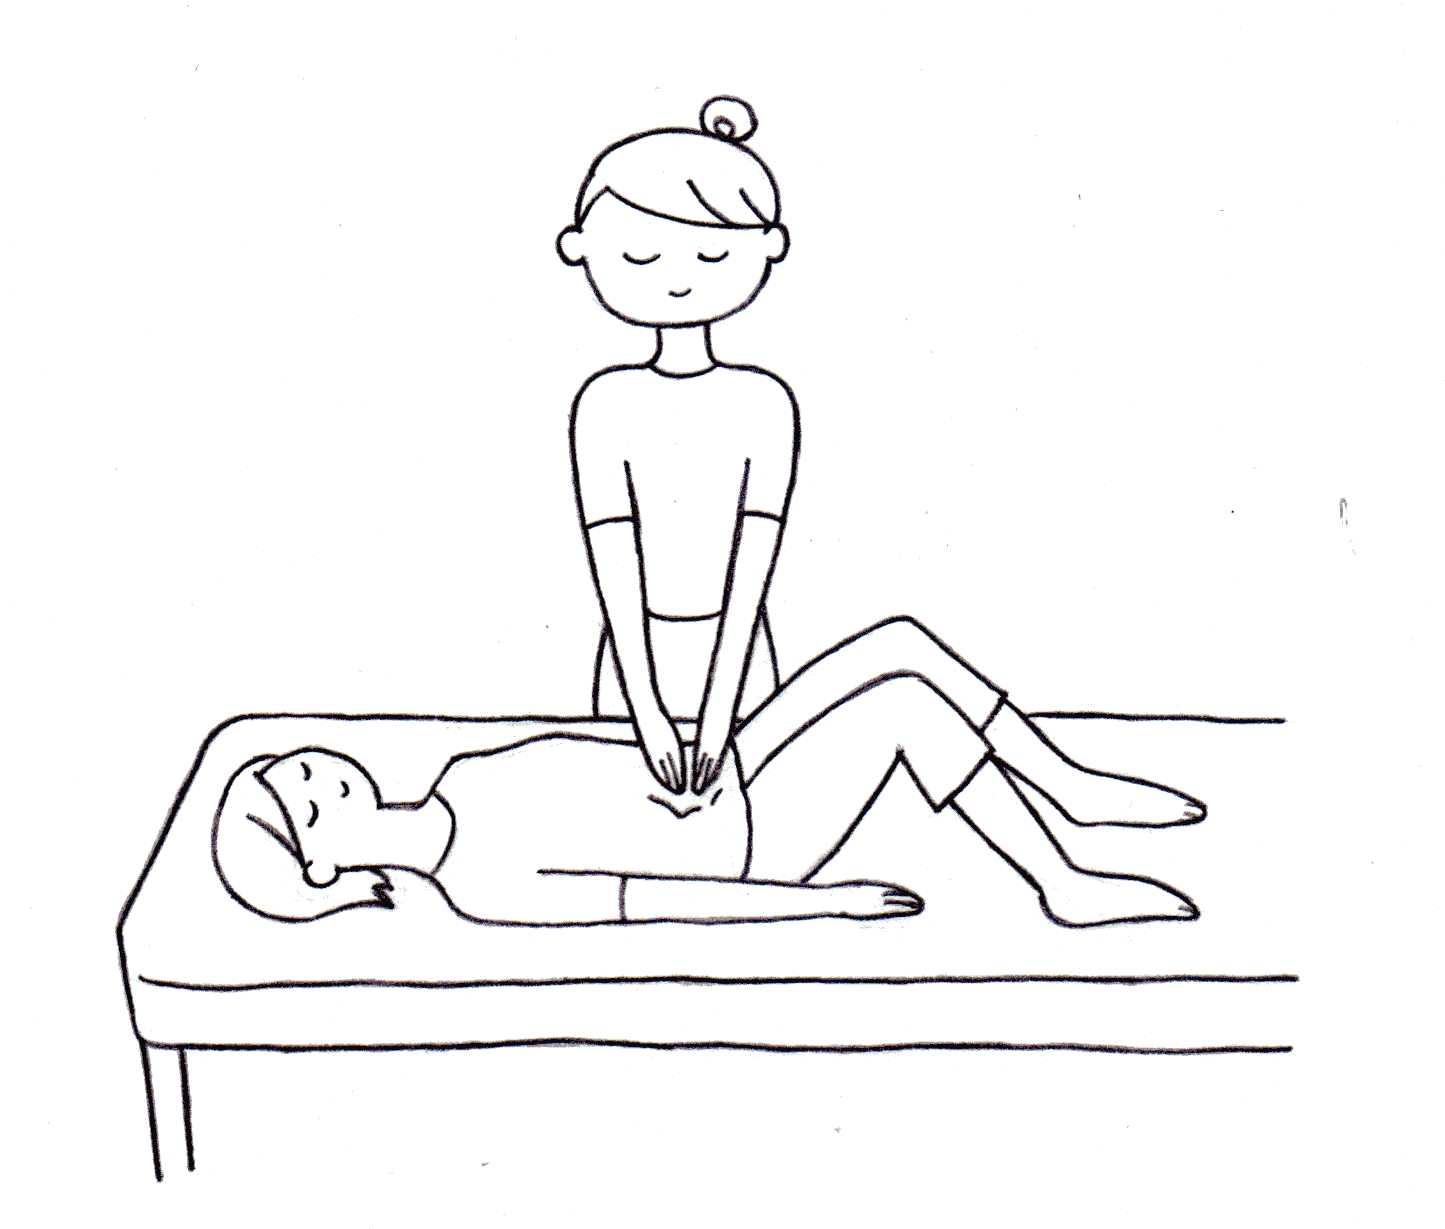 お腹マッサージ ~ 腰痛・お通じの不調・不眠などに幅広く効果の高い手技